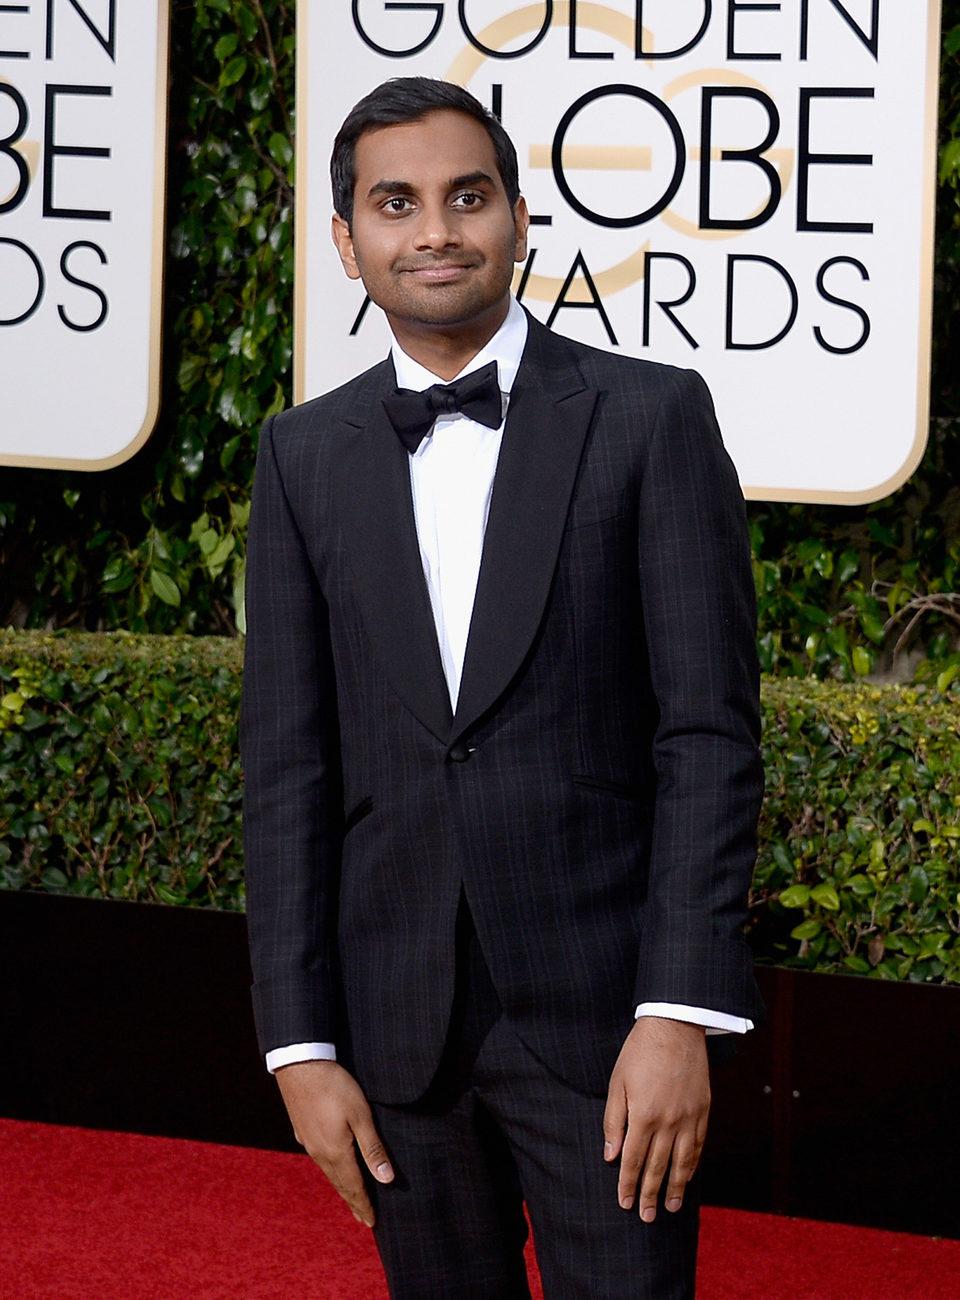 Aziz Ansari at the 2016 Golden Globes red carpet